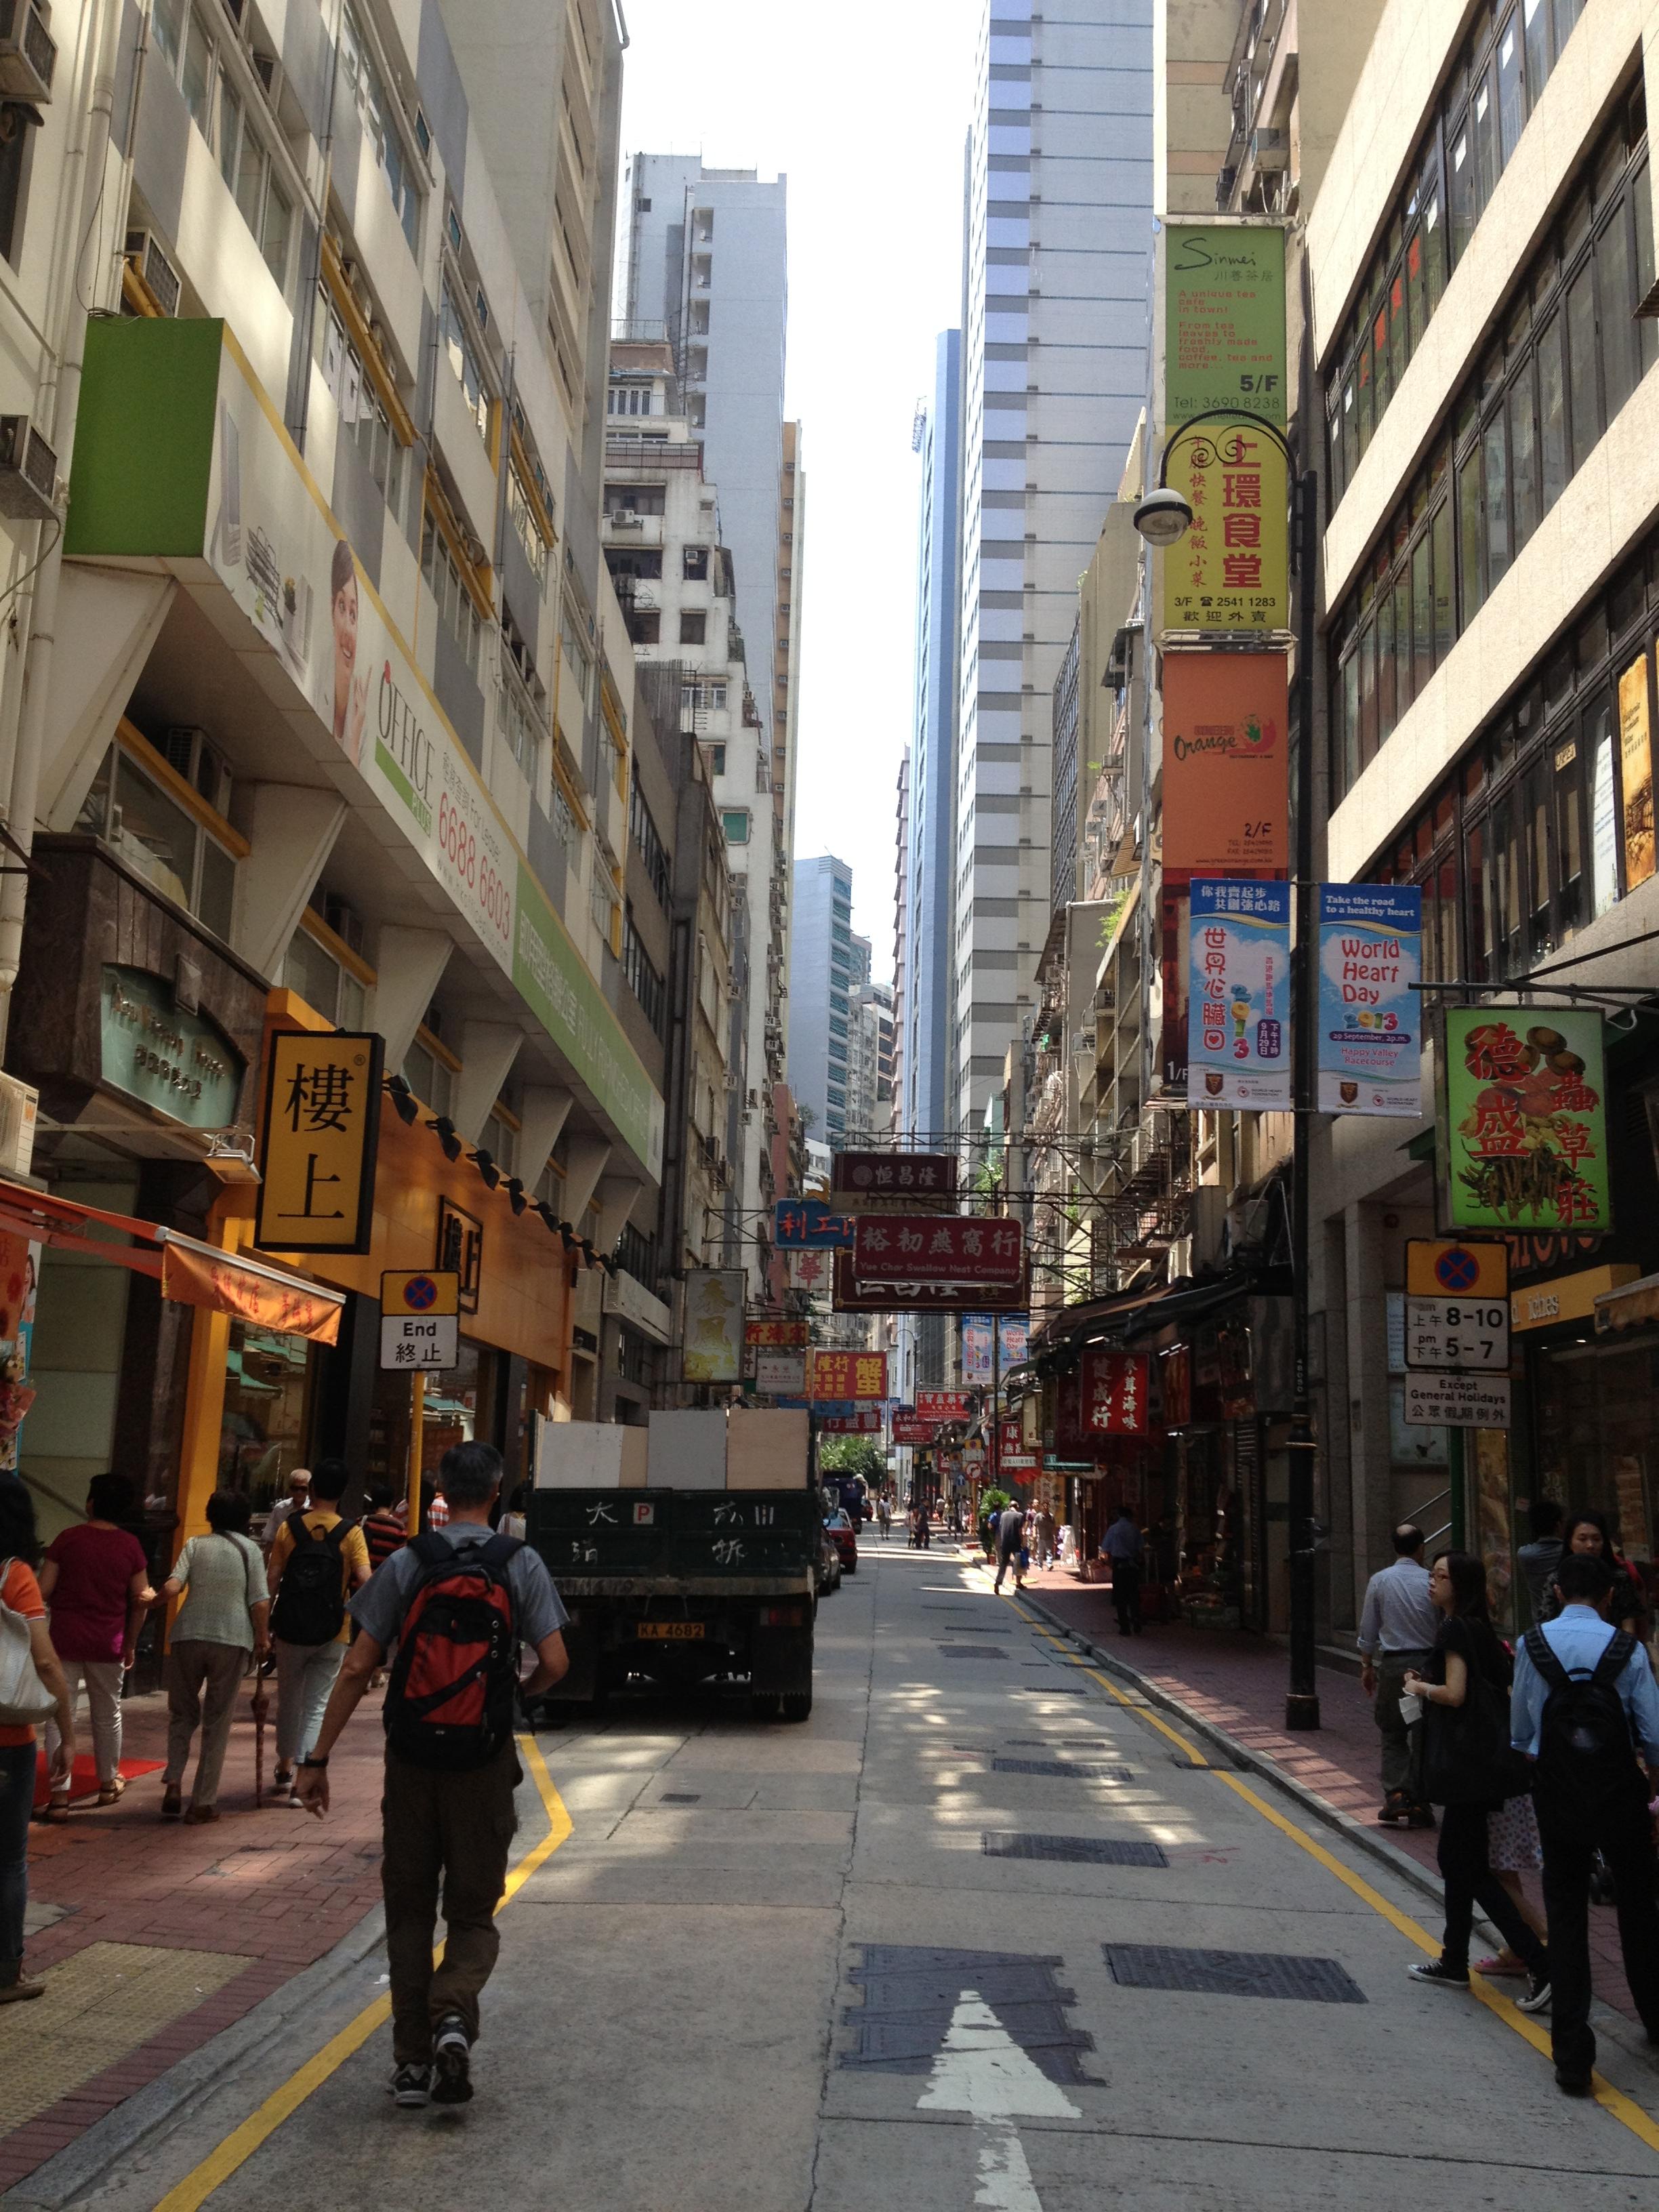 典型的香港街道